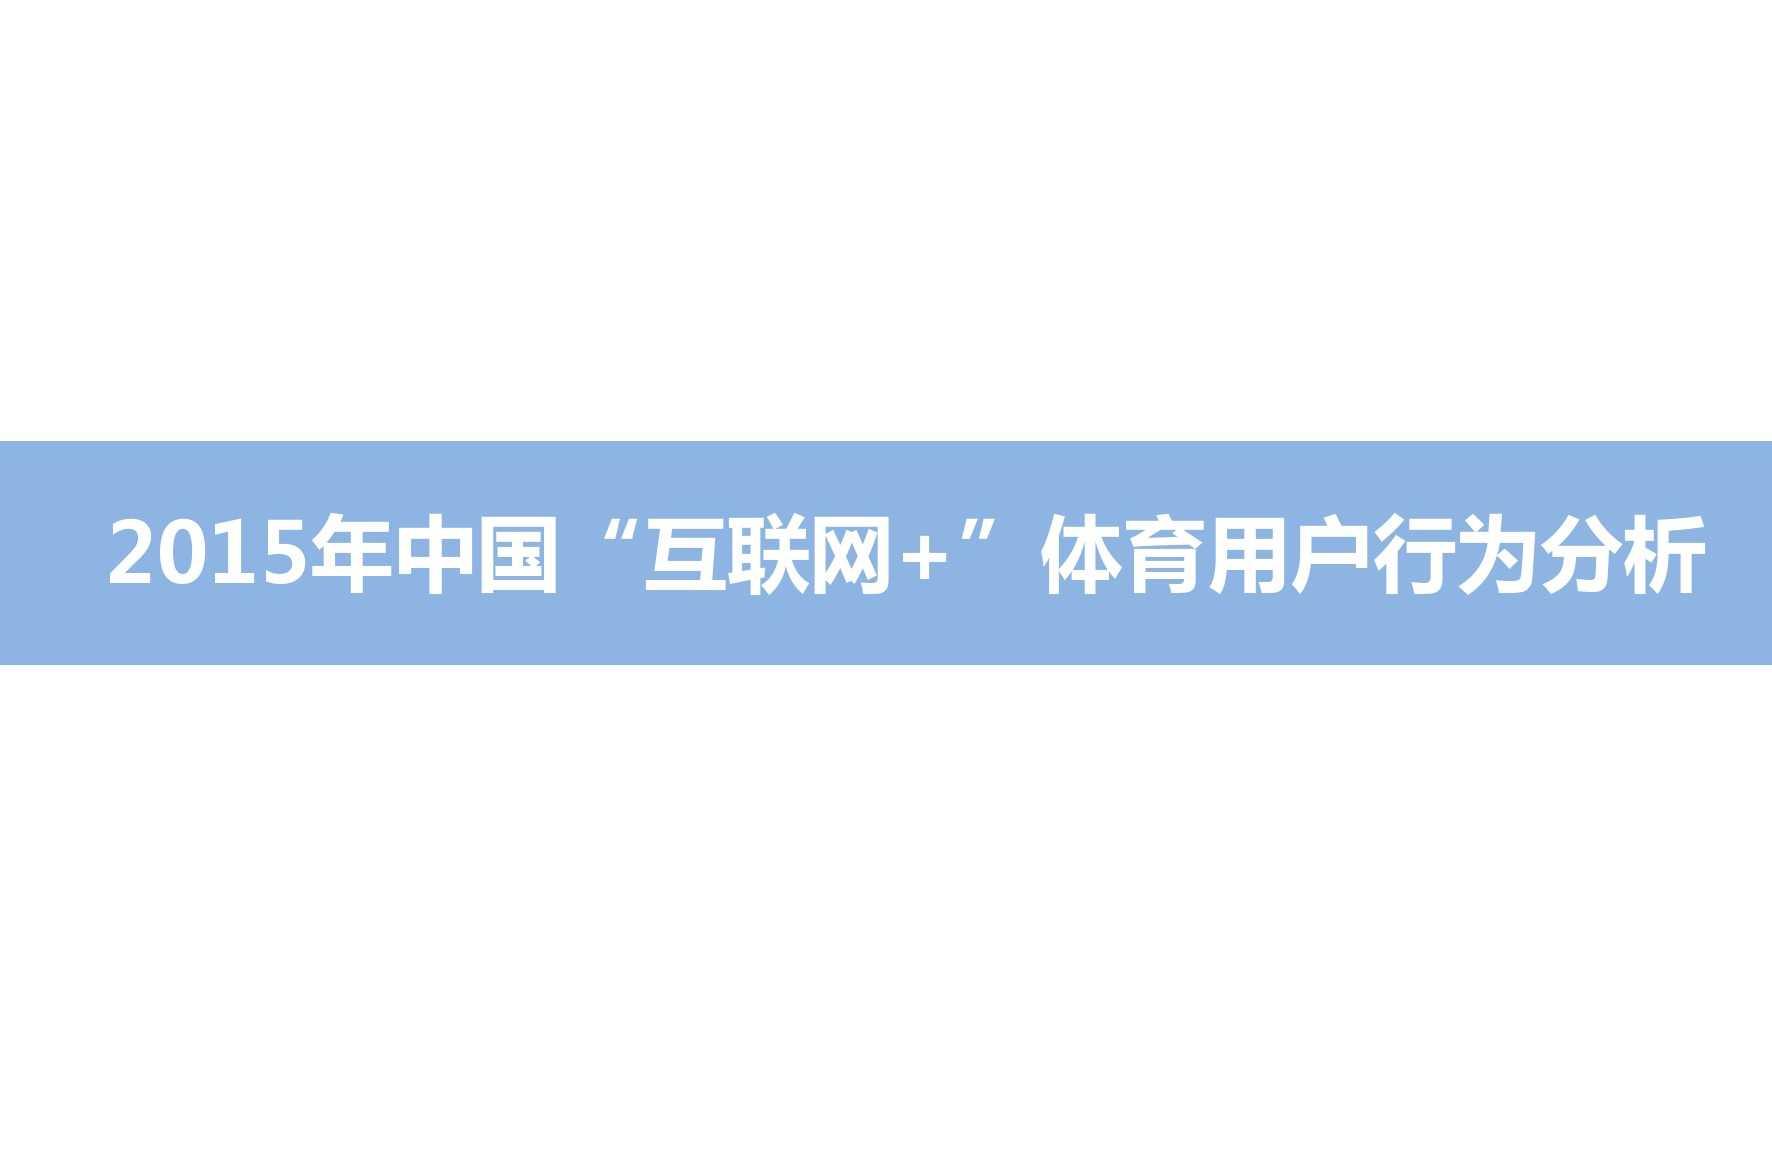 """艾媒咨询:2015年中国""""互联网+""""体育研究_000021"""